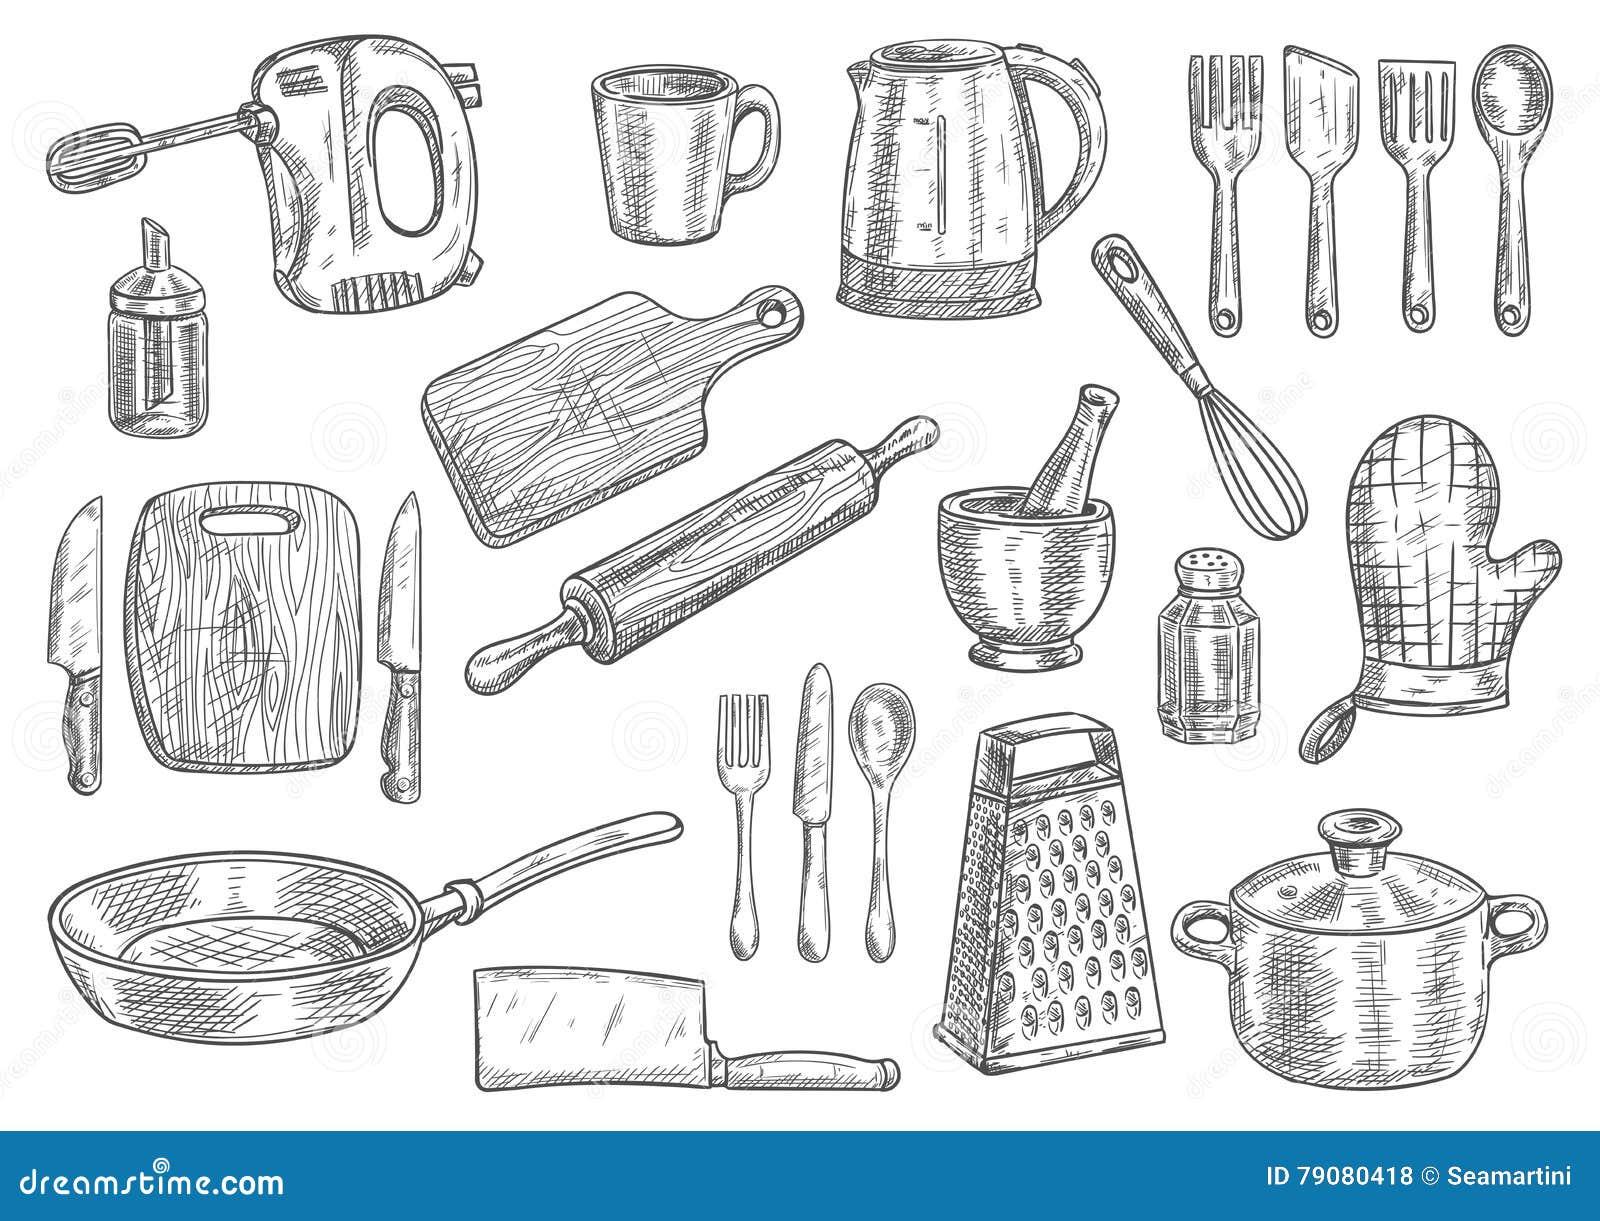 Tolle Küchengeräte Liste Ideen - Ideen Für Die Küche Dekoration ...